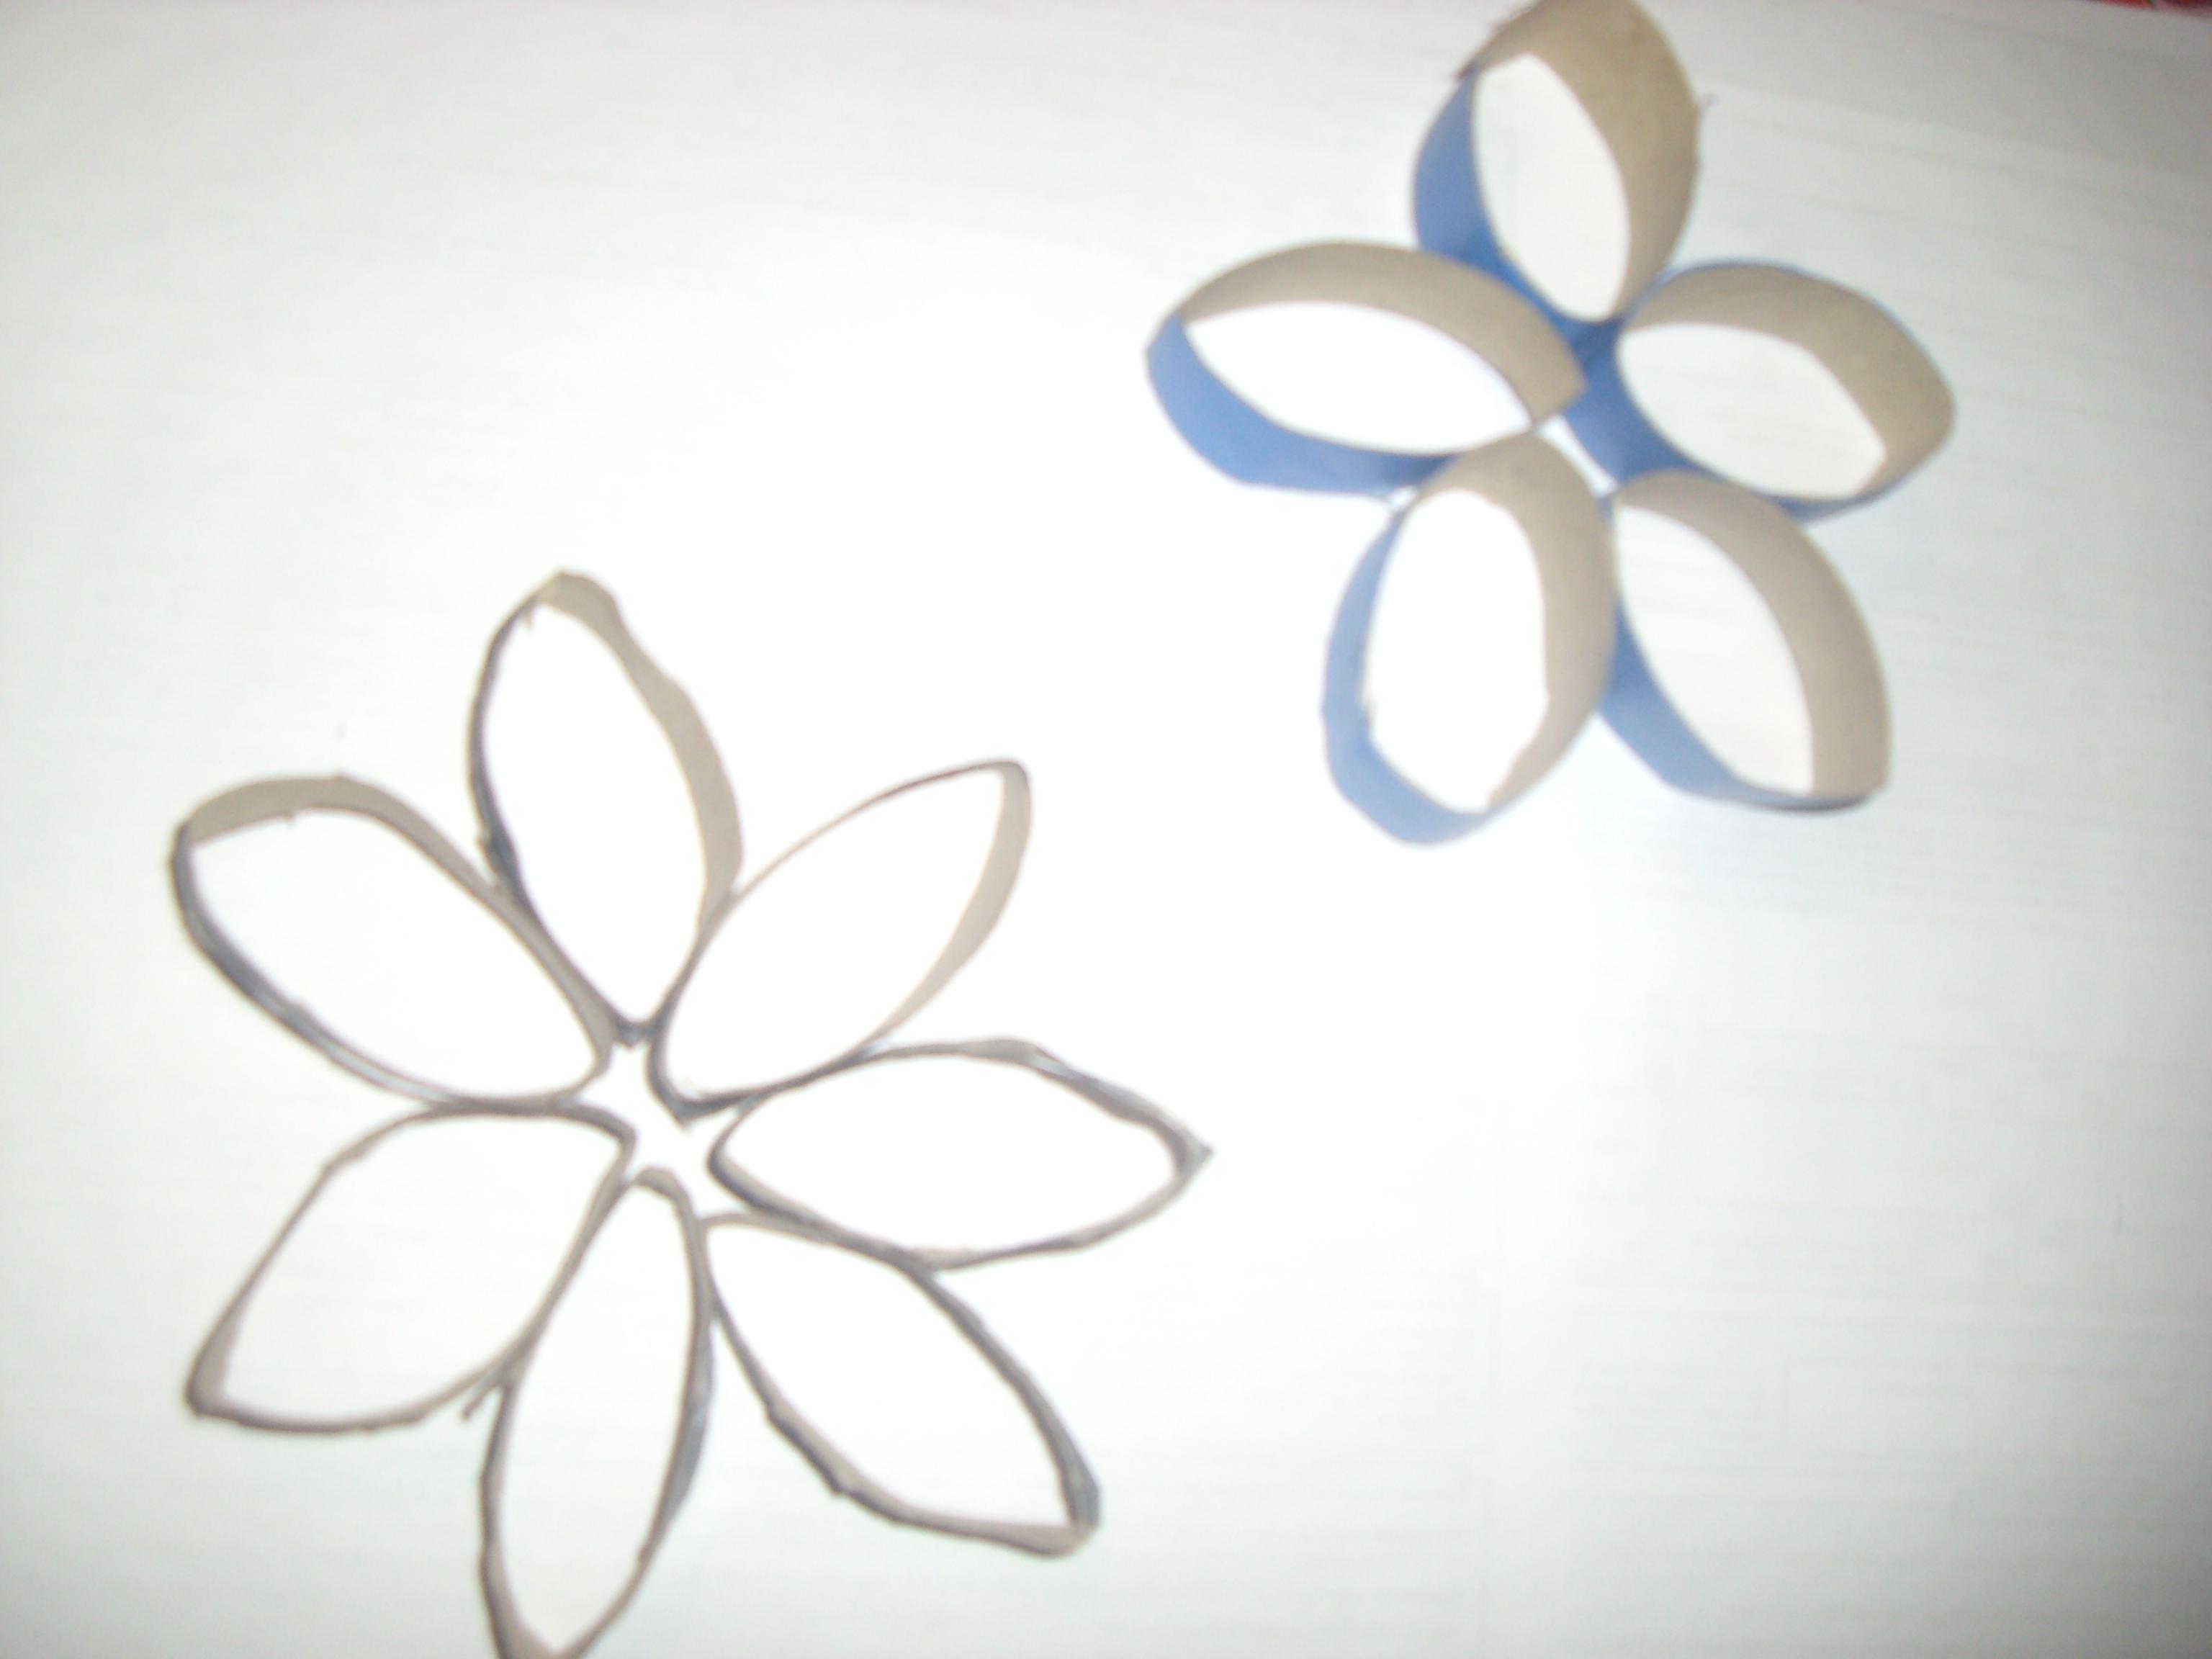 Una manualidad f cil flores de papel higi nico maternidad continuum - Que hacer para no aburrirse en casa ...